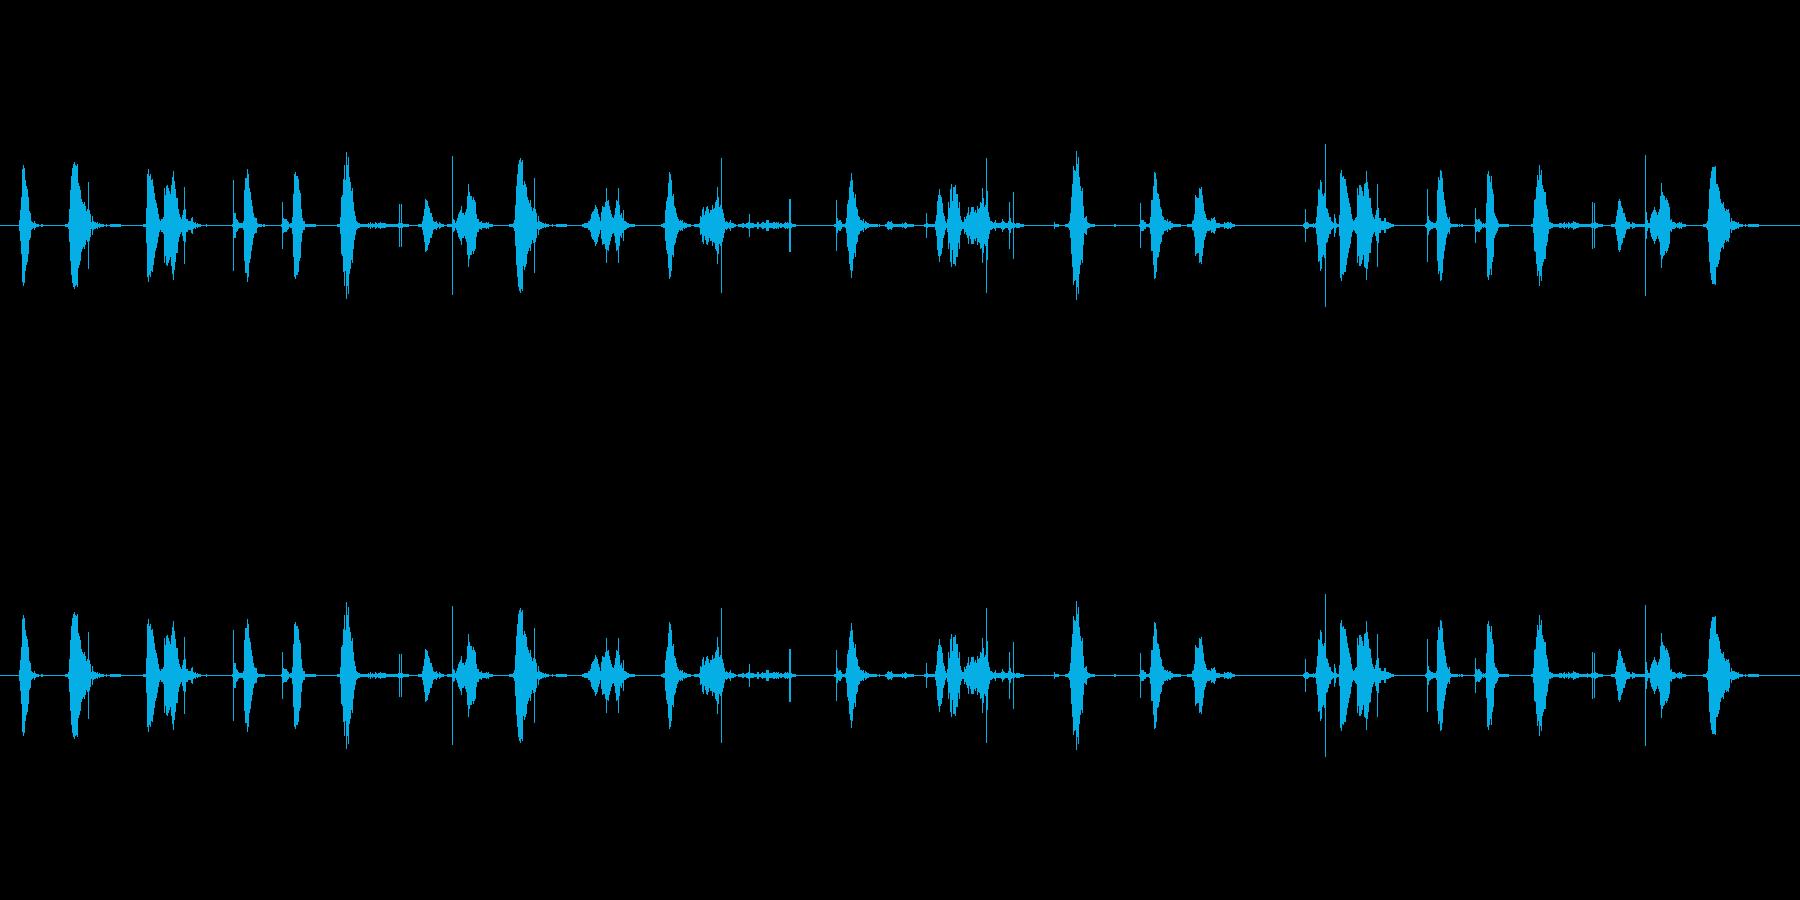 【シャープペン01-01(書く)】の再生済みの波形